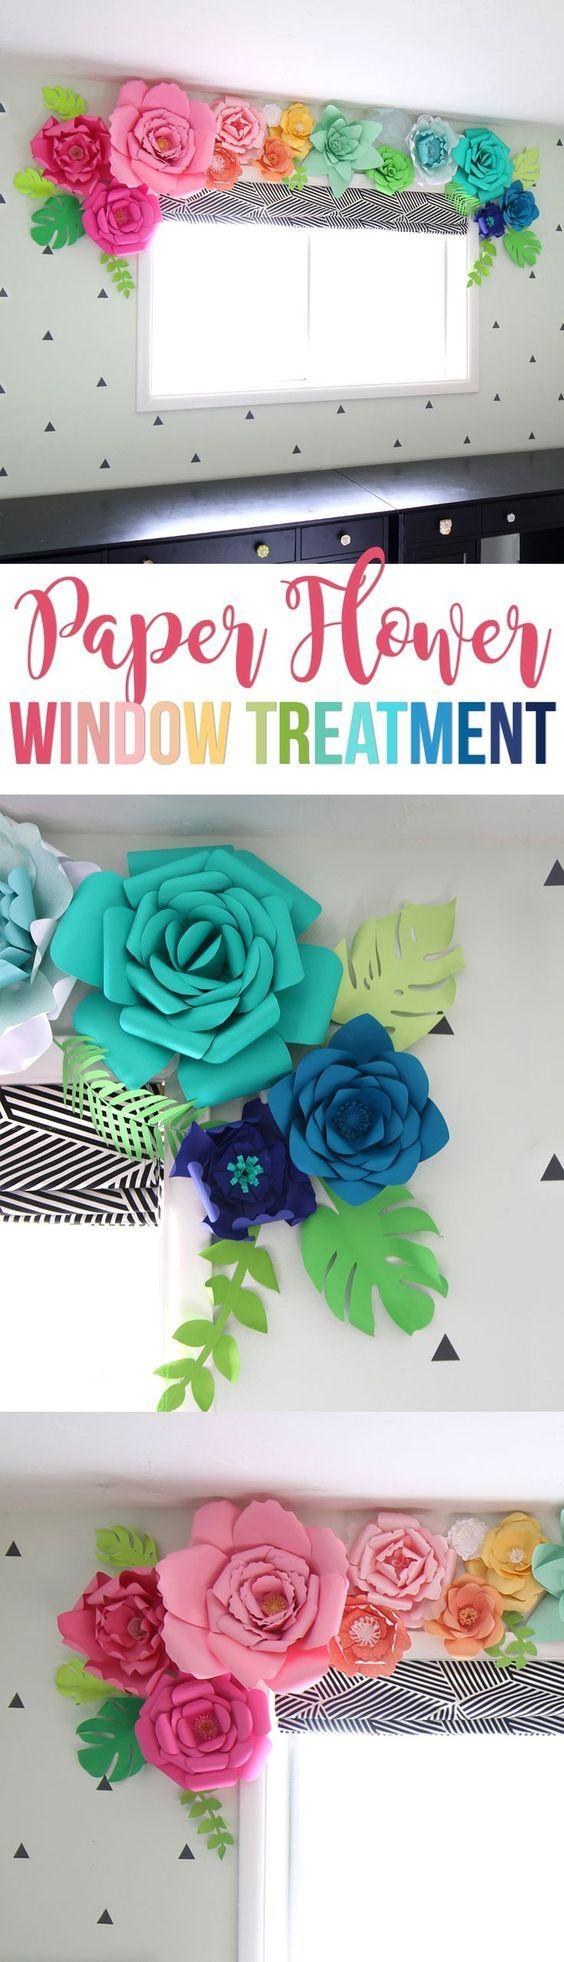 Cómo Hacer Flores de Papel: Ejemplos y Fotos - Estreno Casa